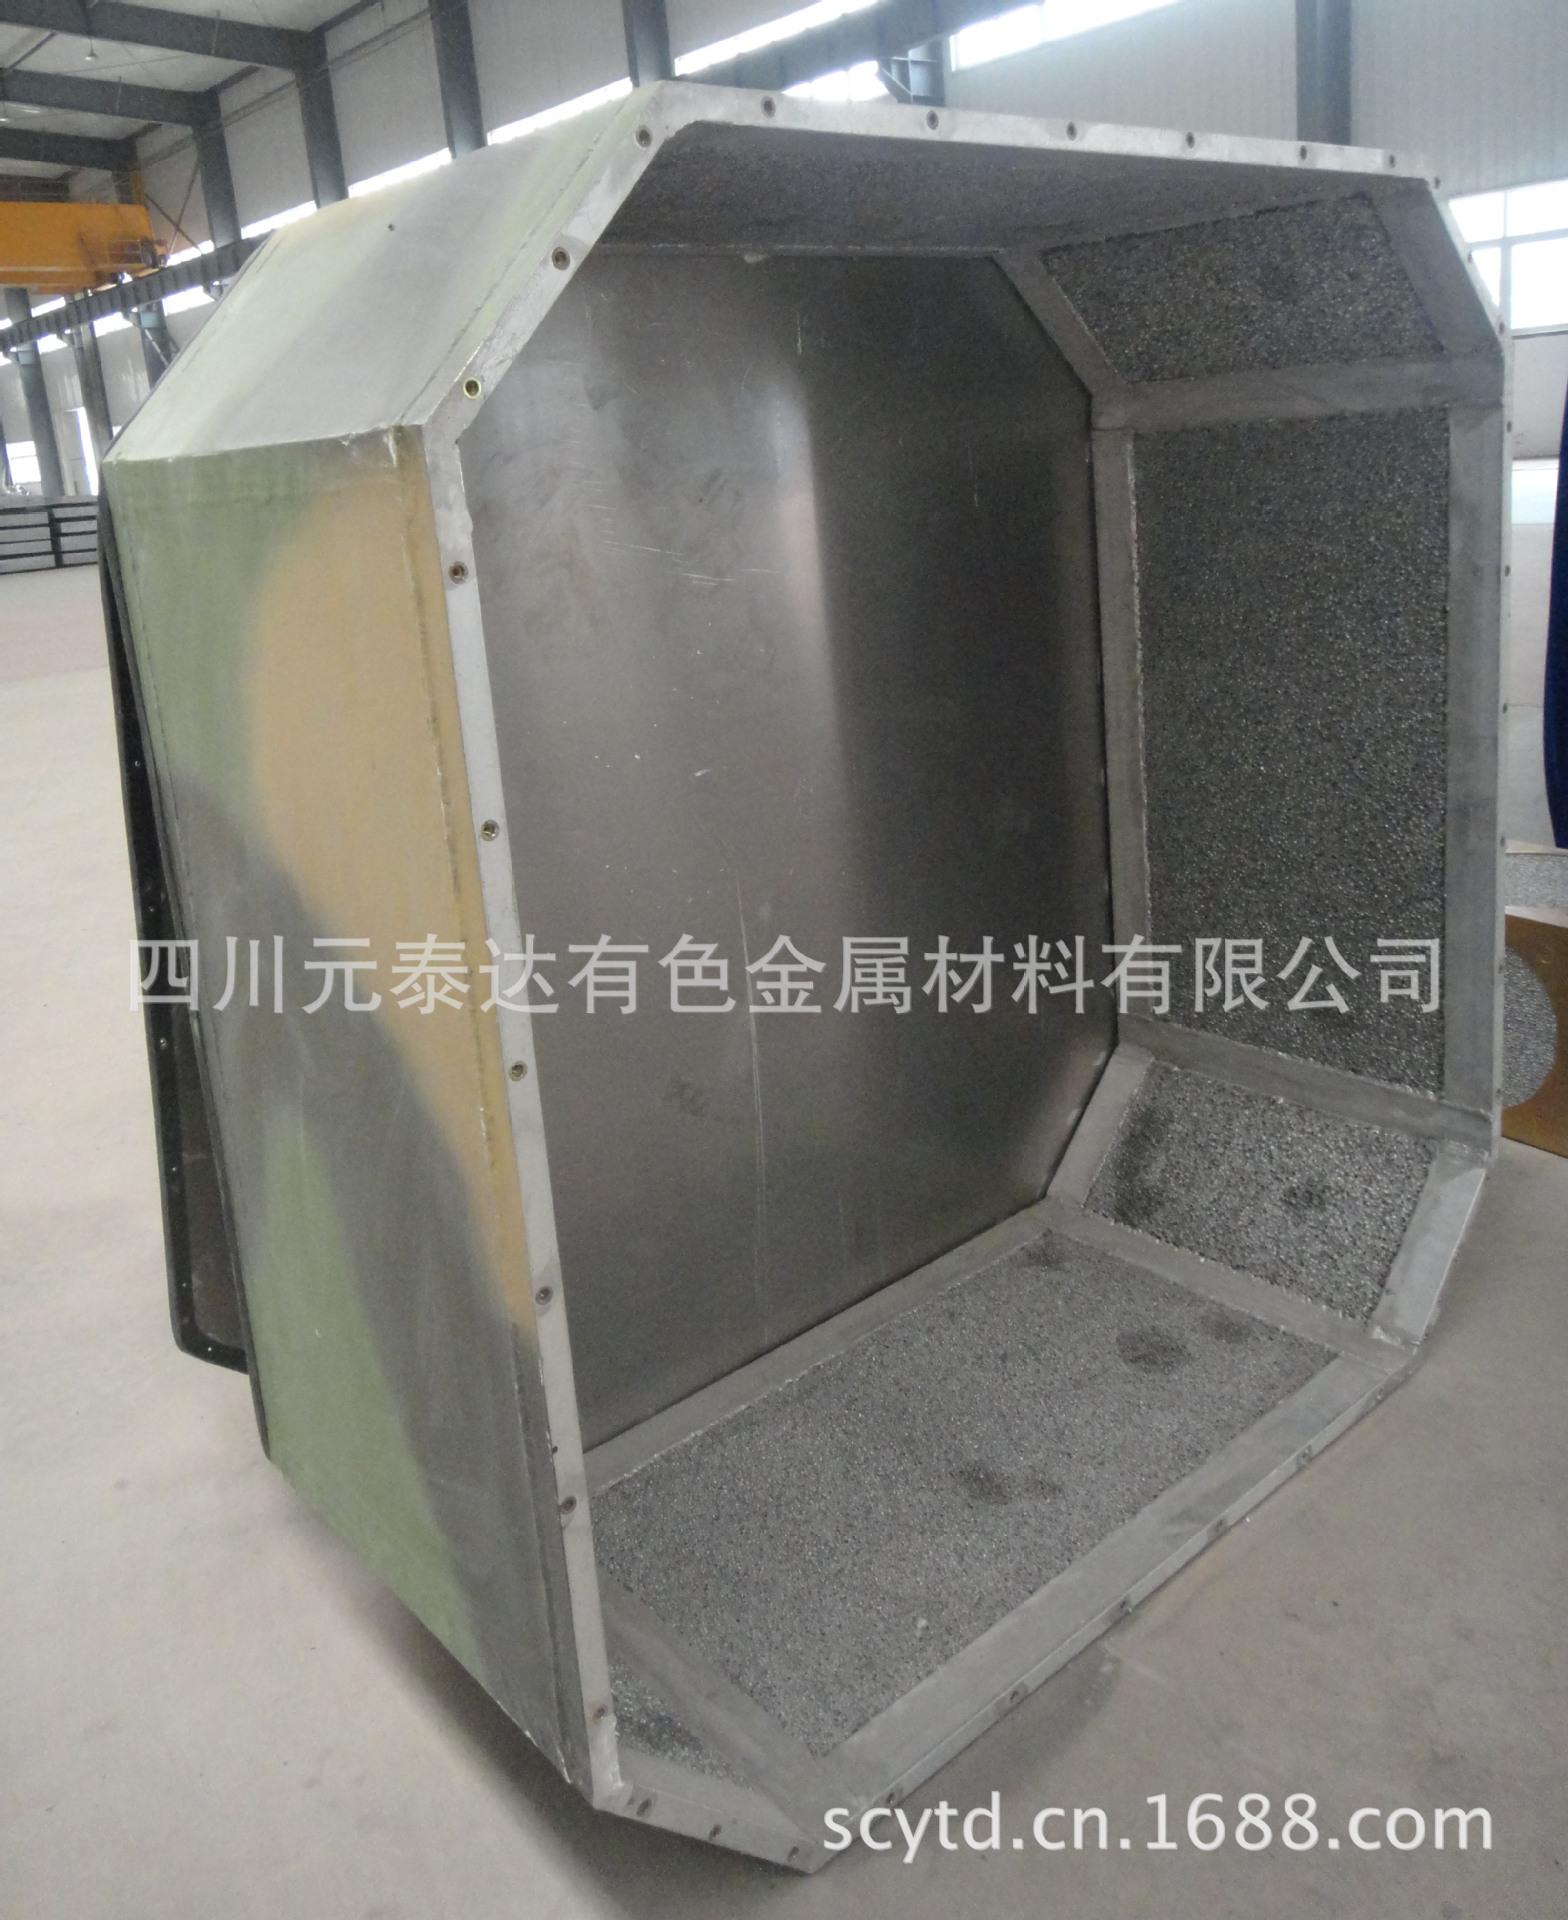 移动发射舱(军工合作项目)